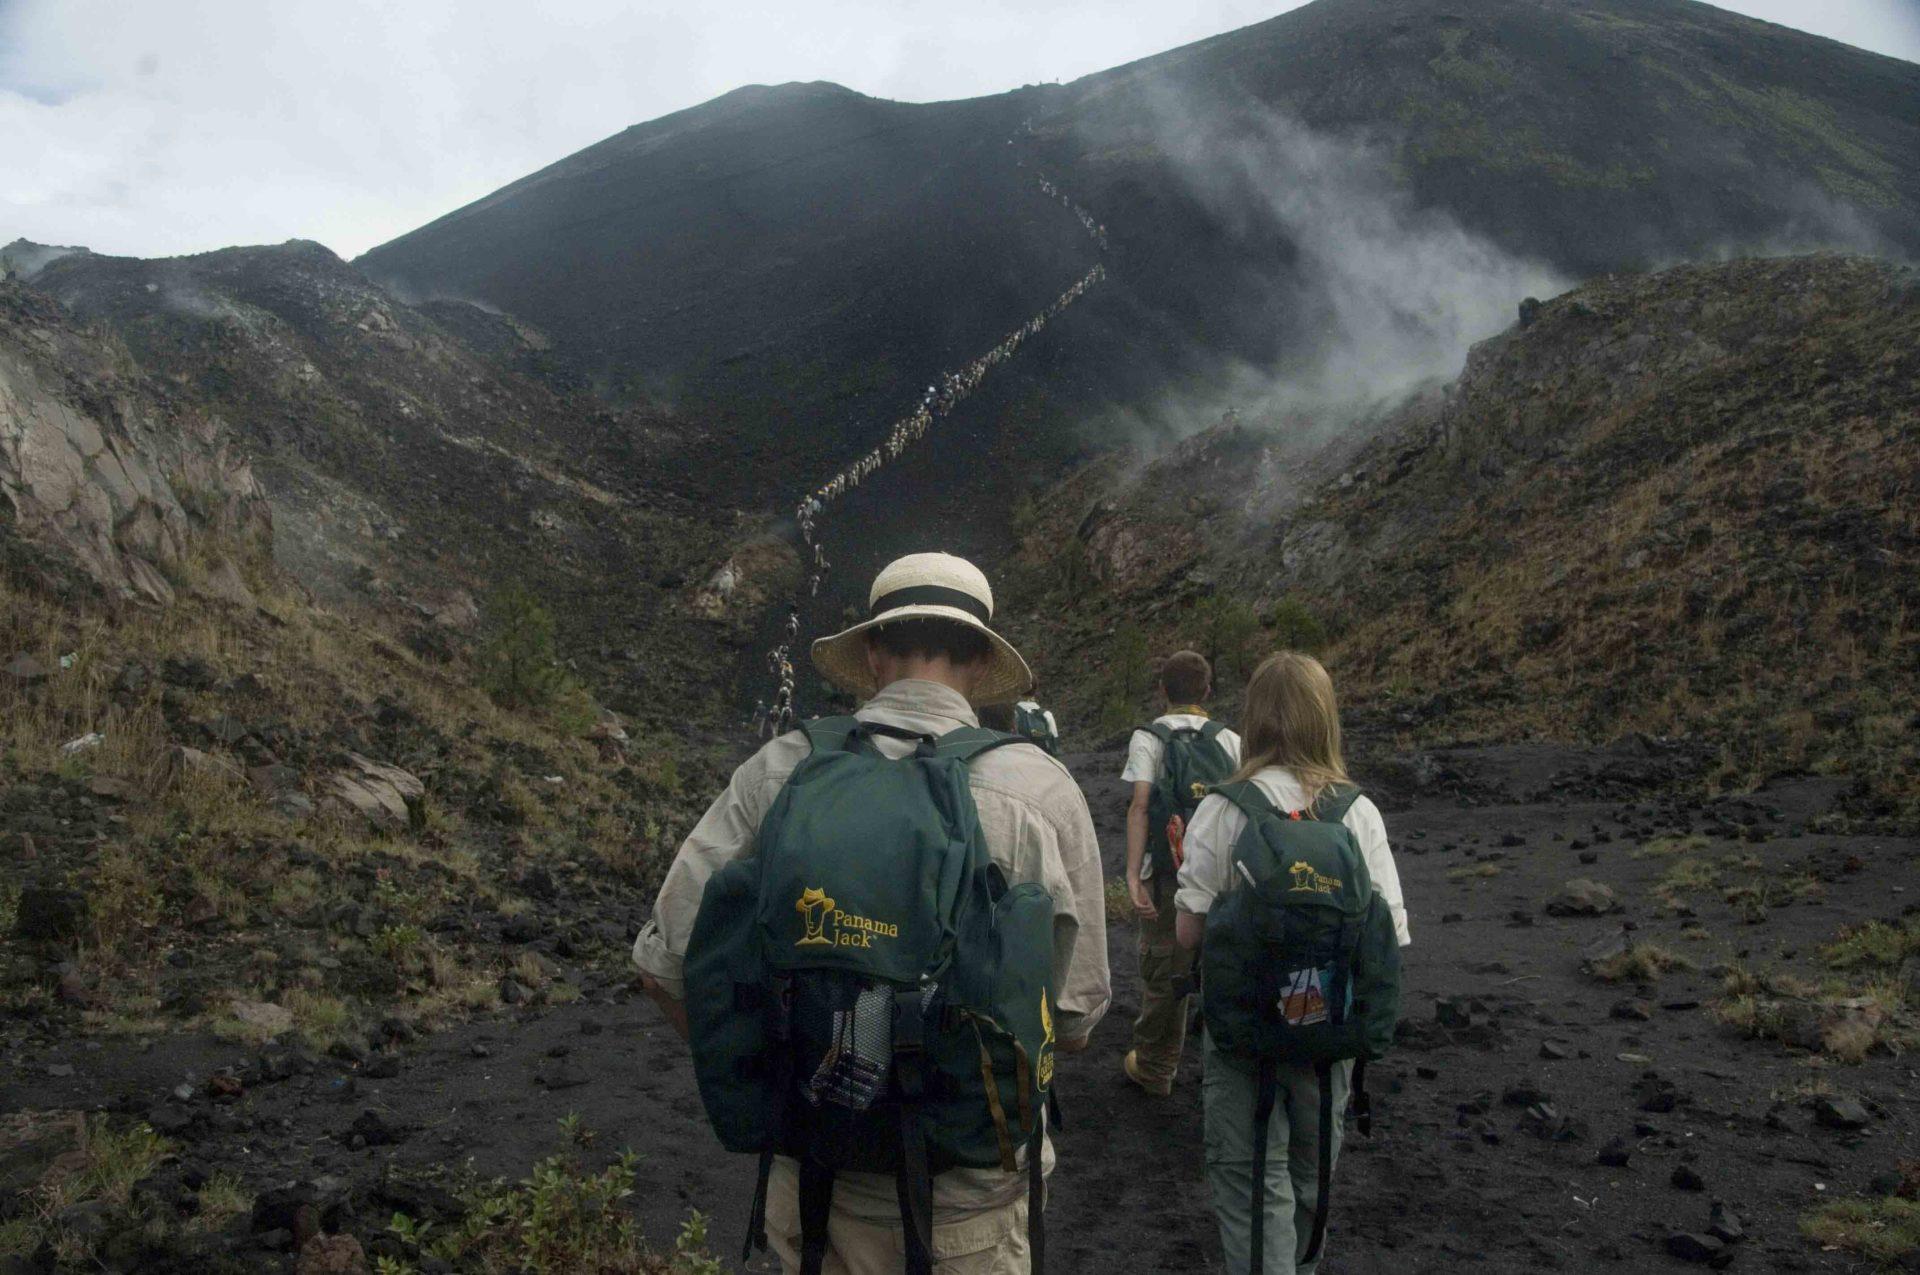 Fotografía: Ruta Quetzal BBVA 2007 ascenso al volcán Paricutín (México)